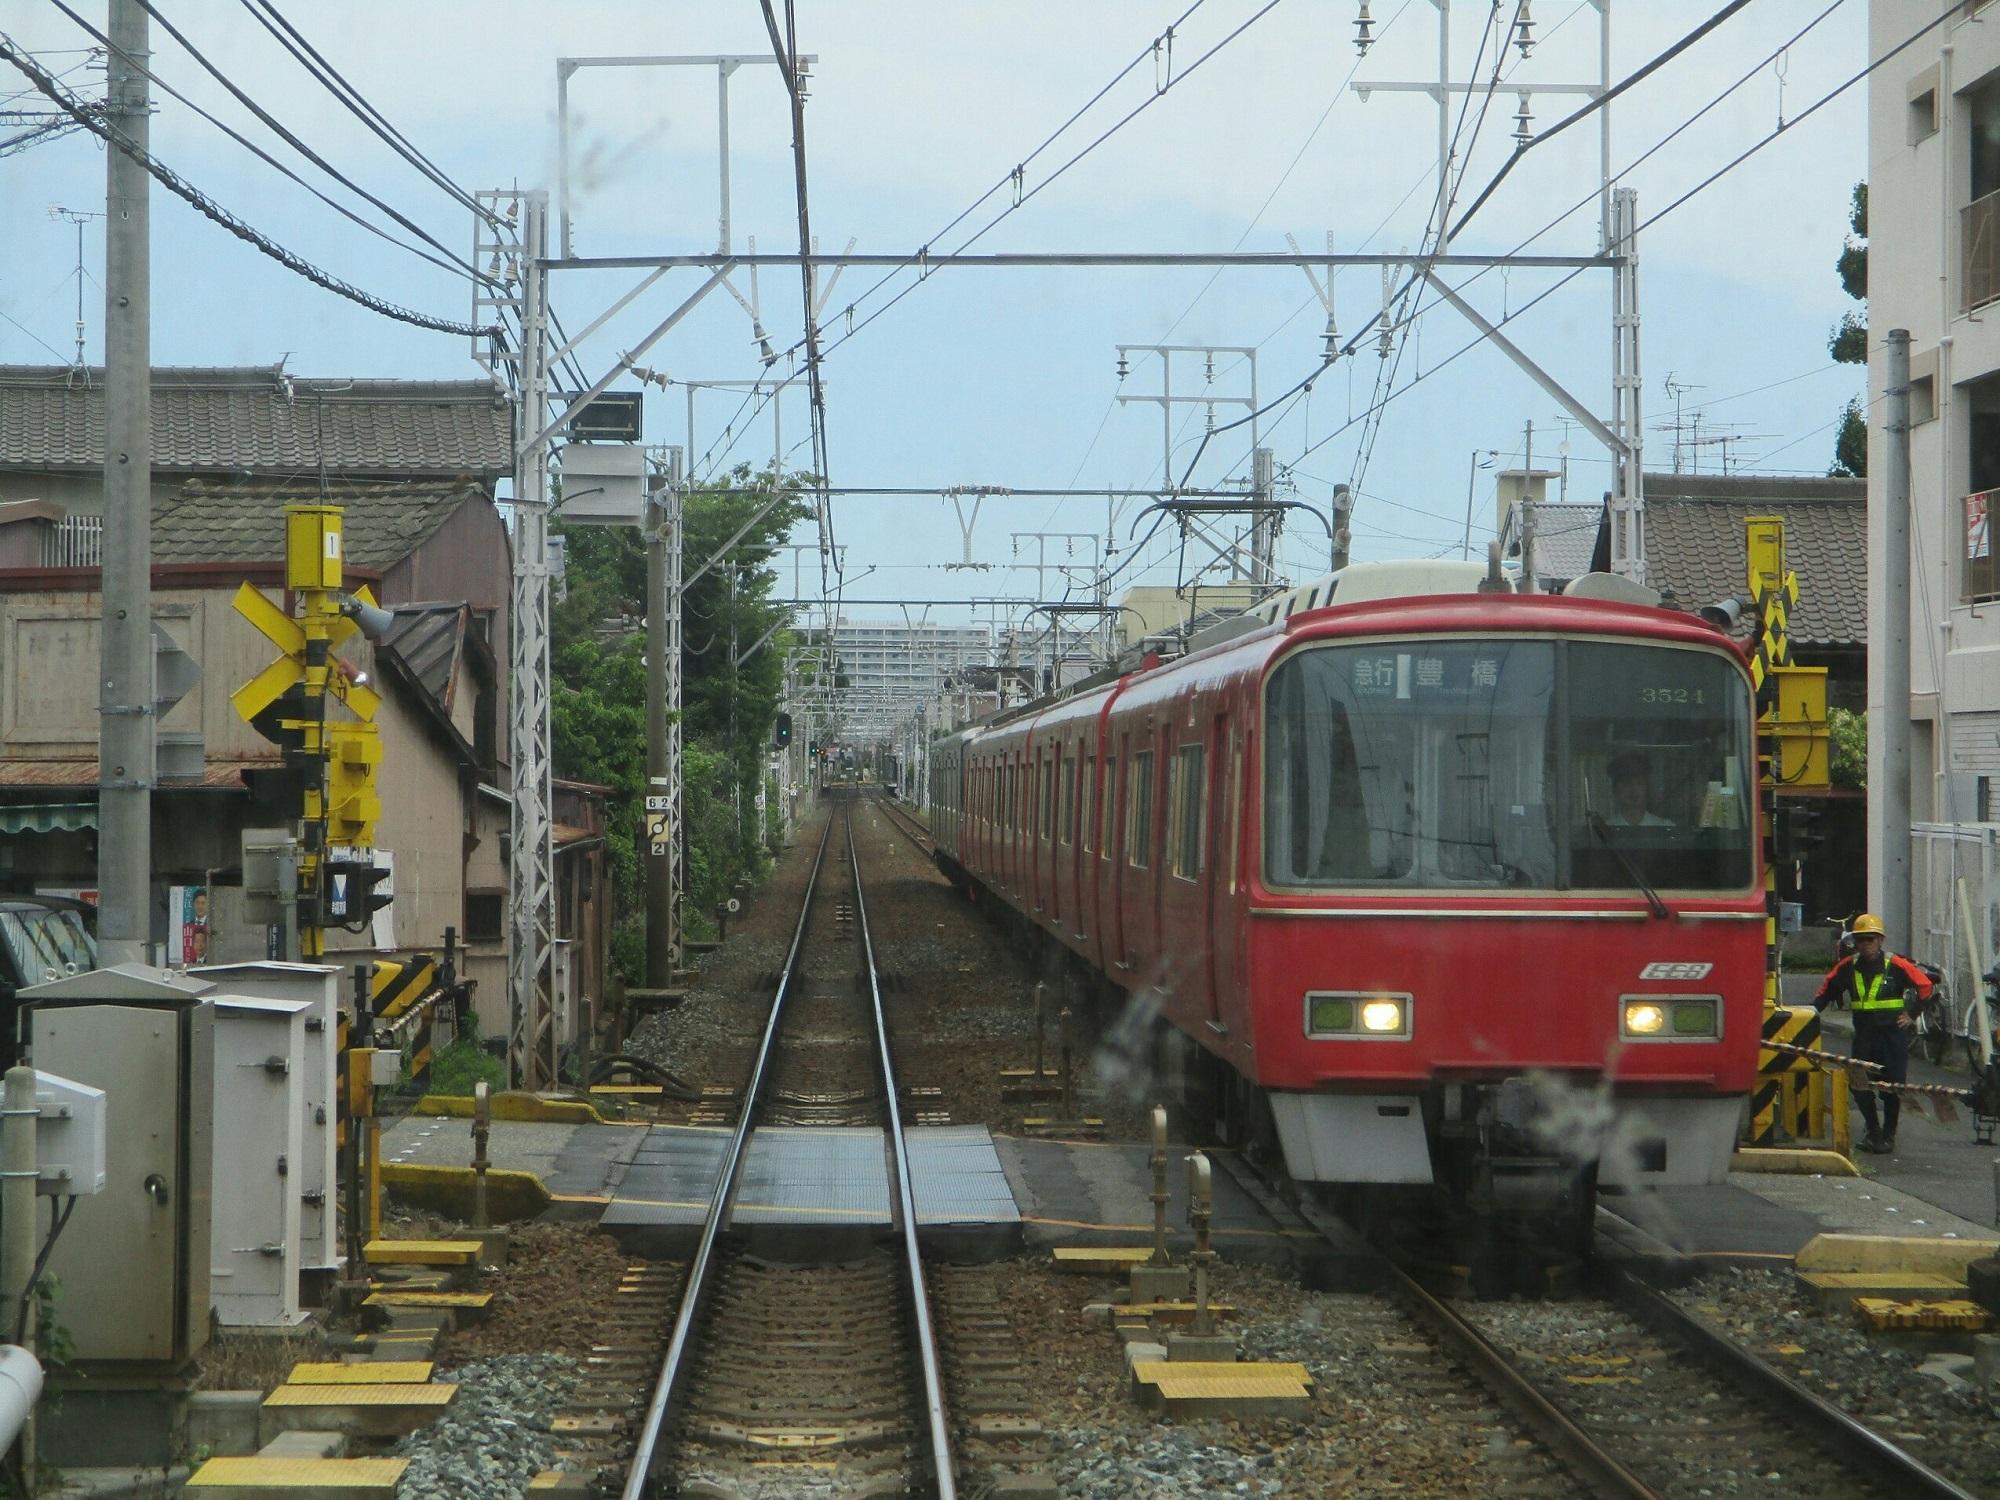 2019.5.29 (28) 一宮いき急行 - 本笠寺桜間(豊橋いき急行) 2000-1500